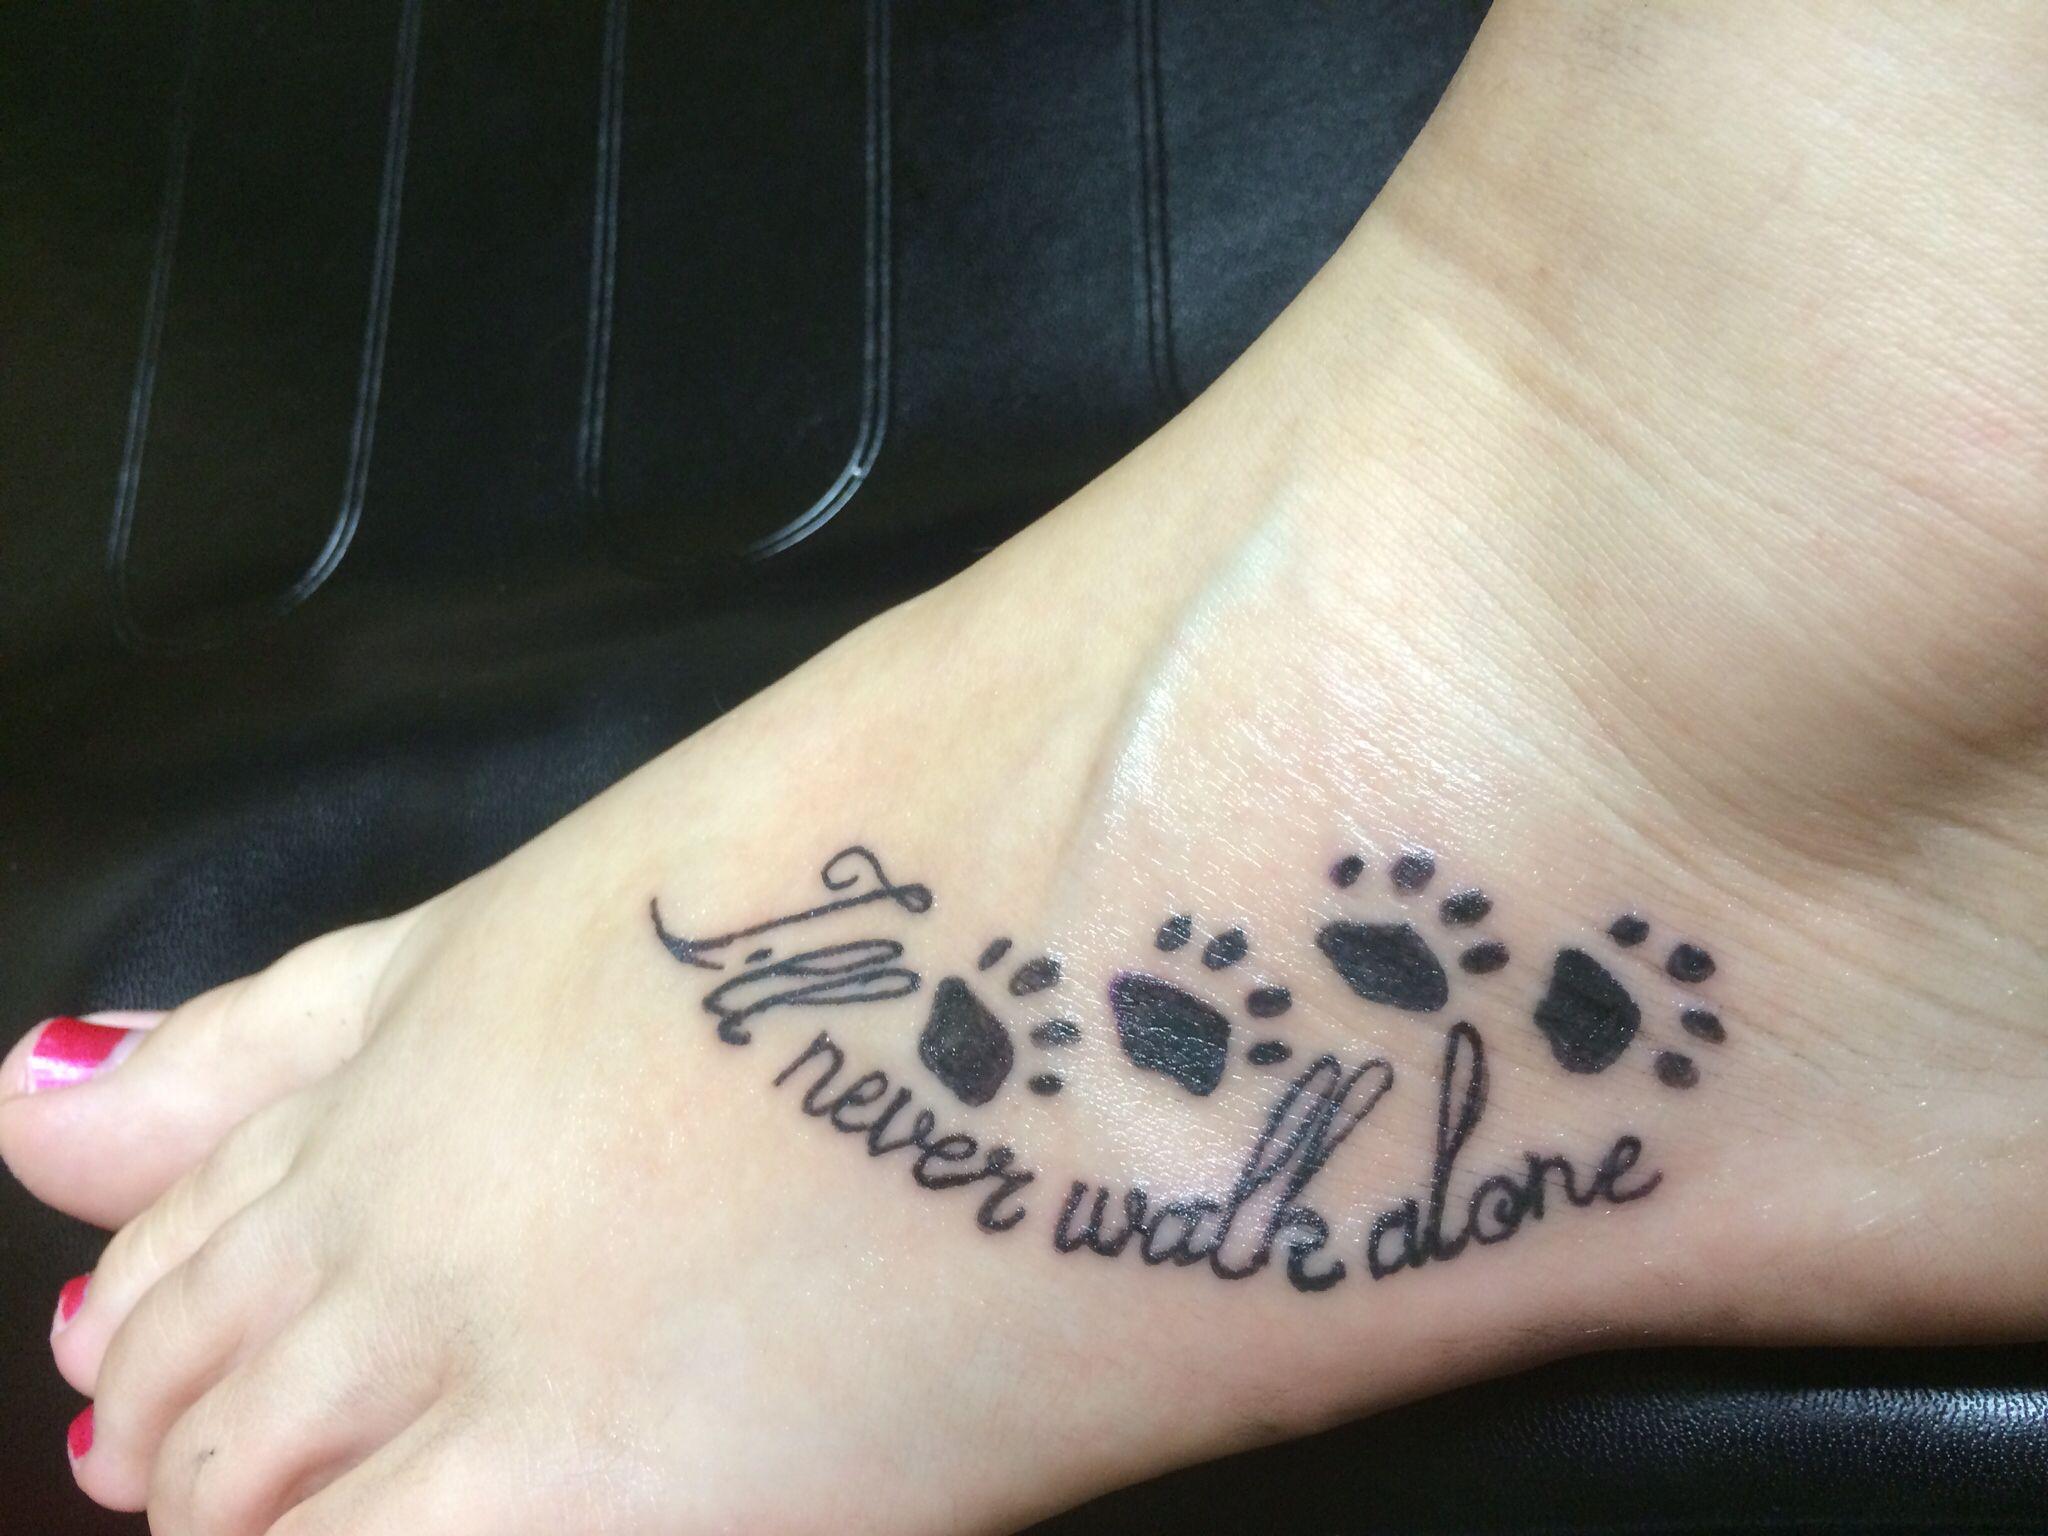 I will never walk alone pawprint tattoo foot tattoo tattoos and i will never walk alone pawprint tattoo foot tattoo biocorpaavc